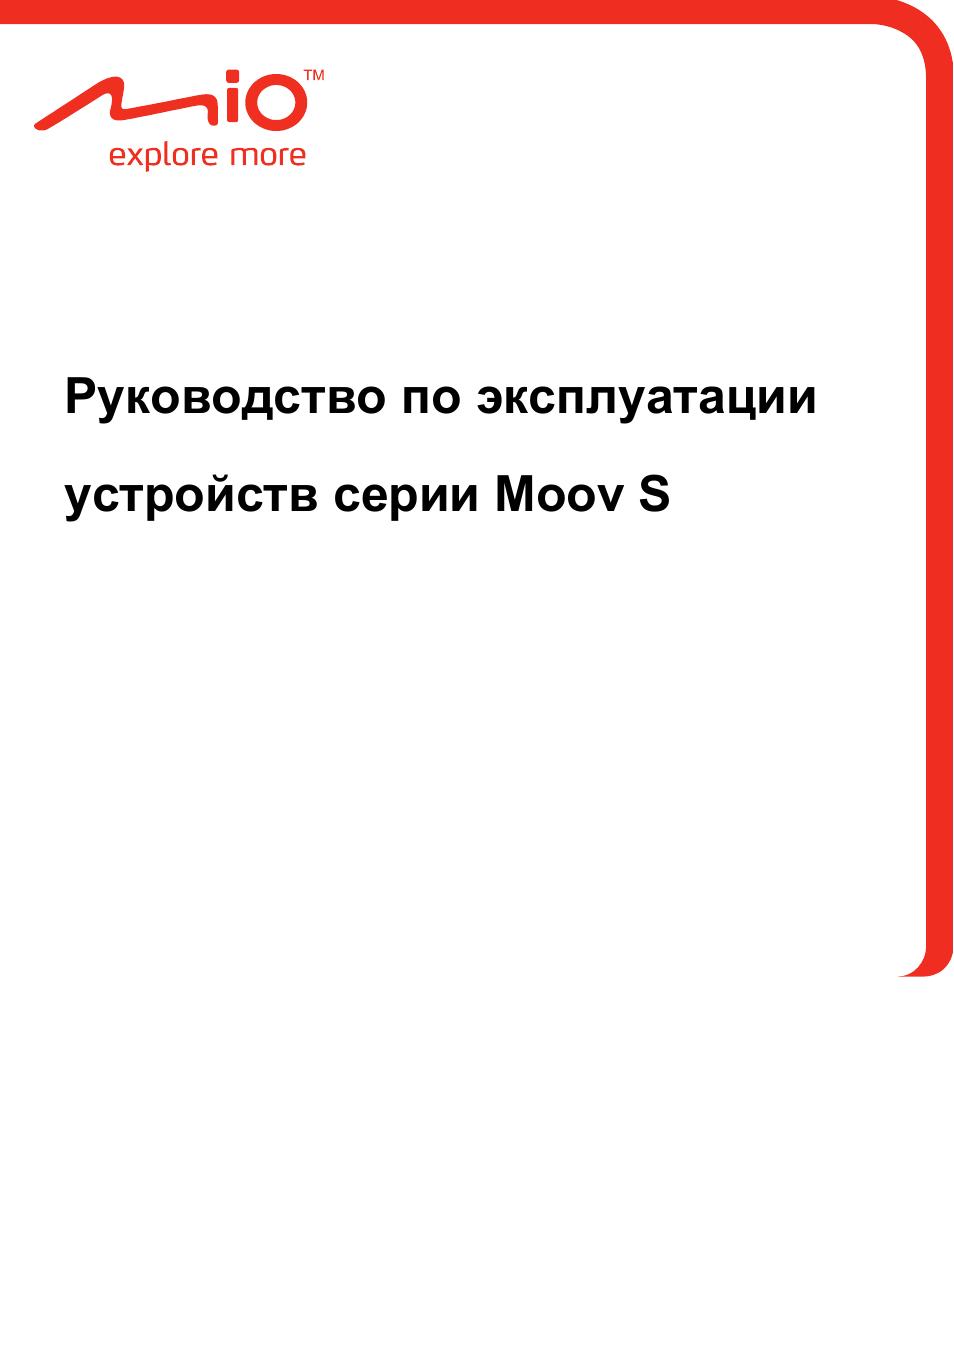 Руководство по эксплуатации устройств серии Moov S.